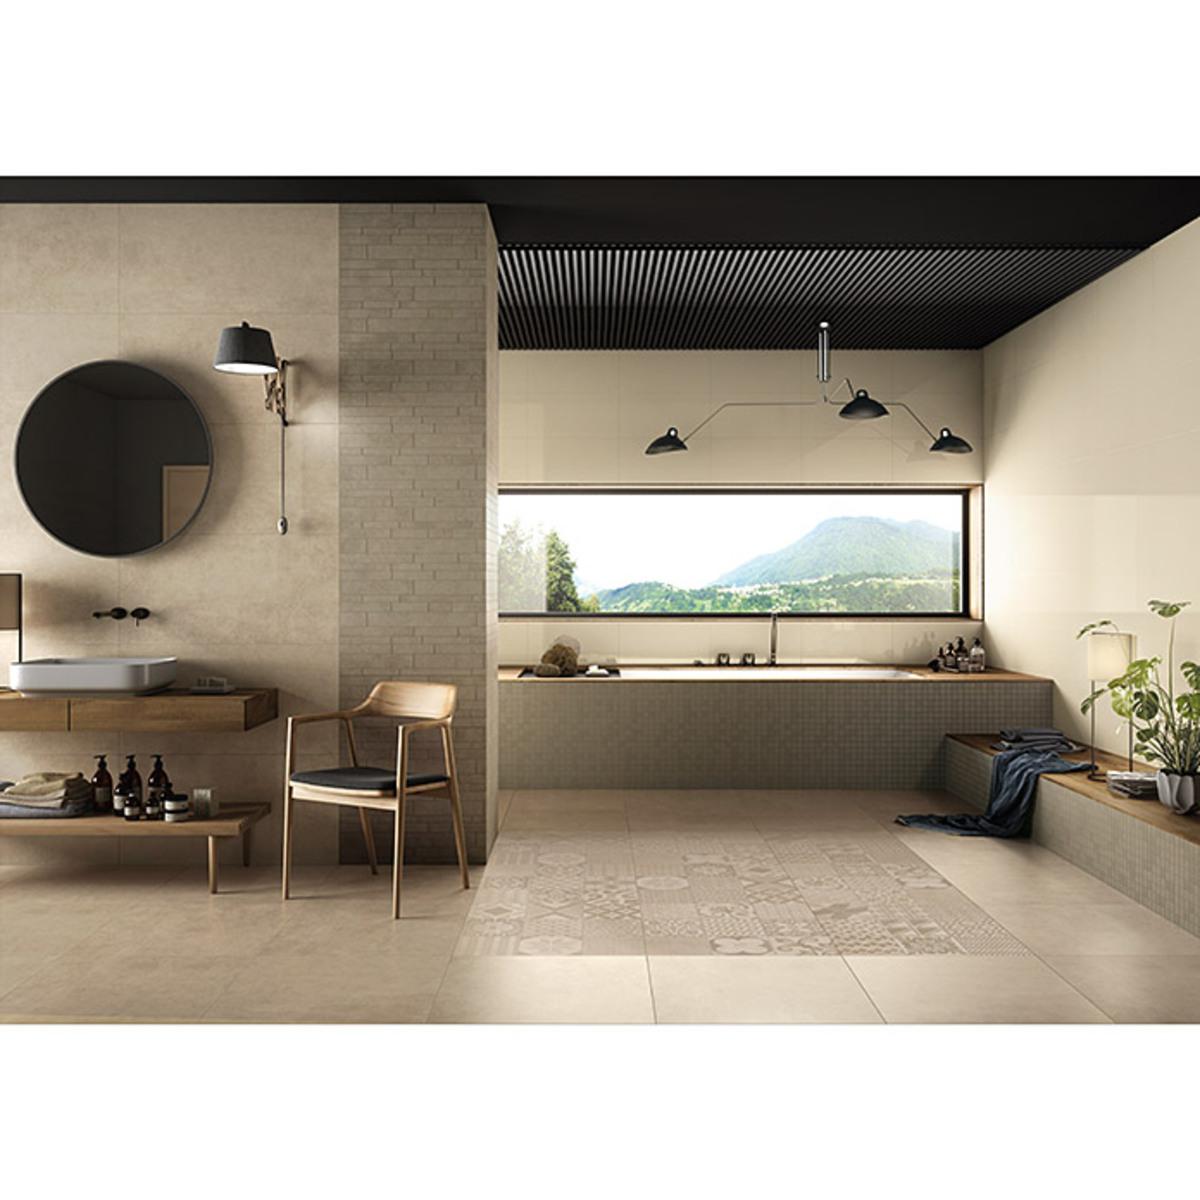 Bild 4 von Ambiente by Palazzo Feinsteinzeugfliese Vintage